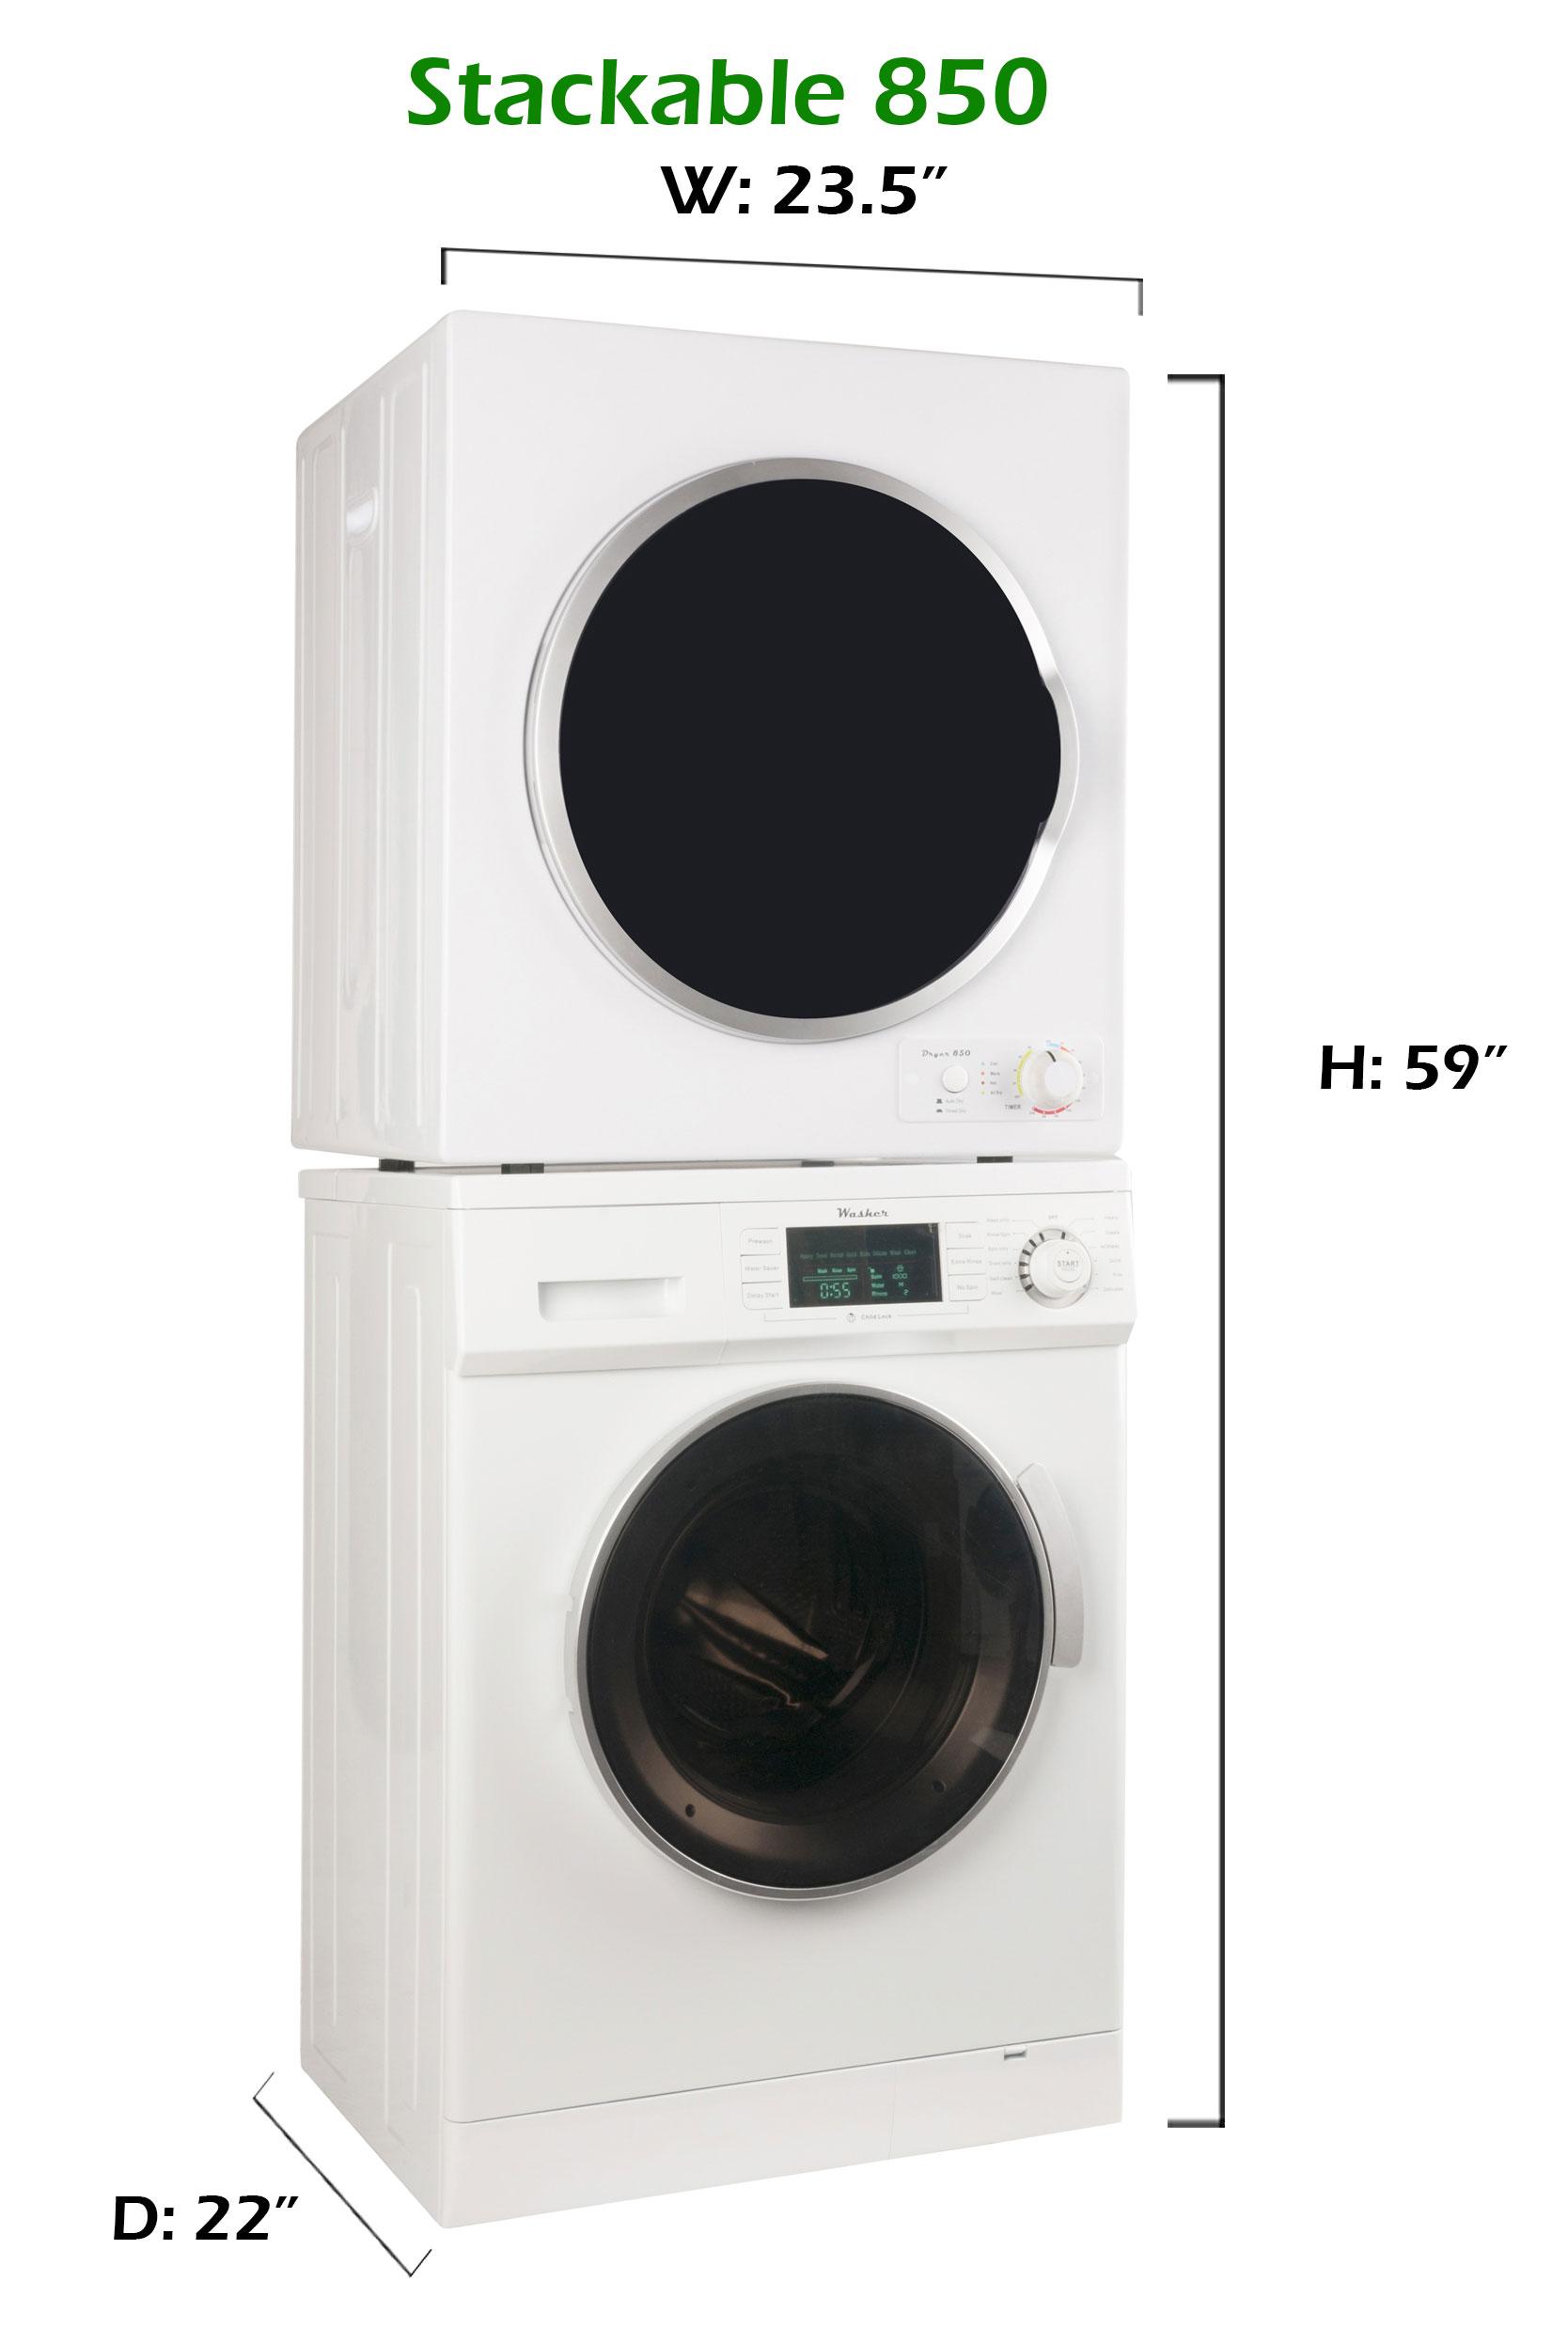 equator appliances. Black Bedroom Furniture Sets. Home Design Ideas